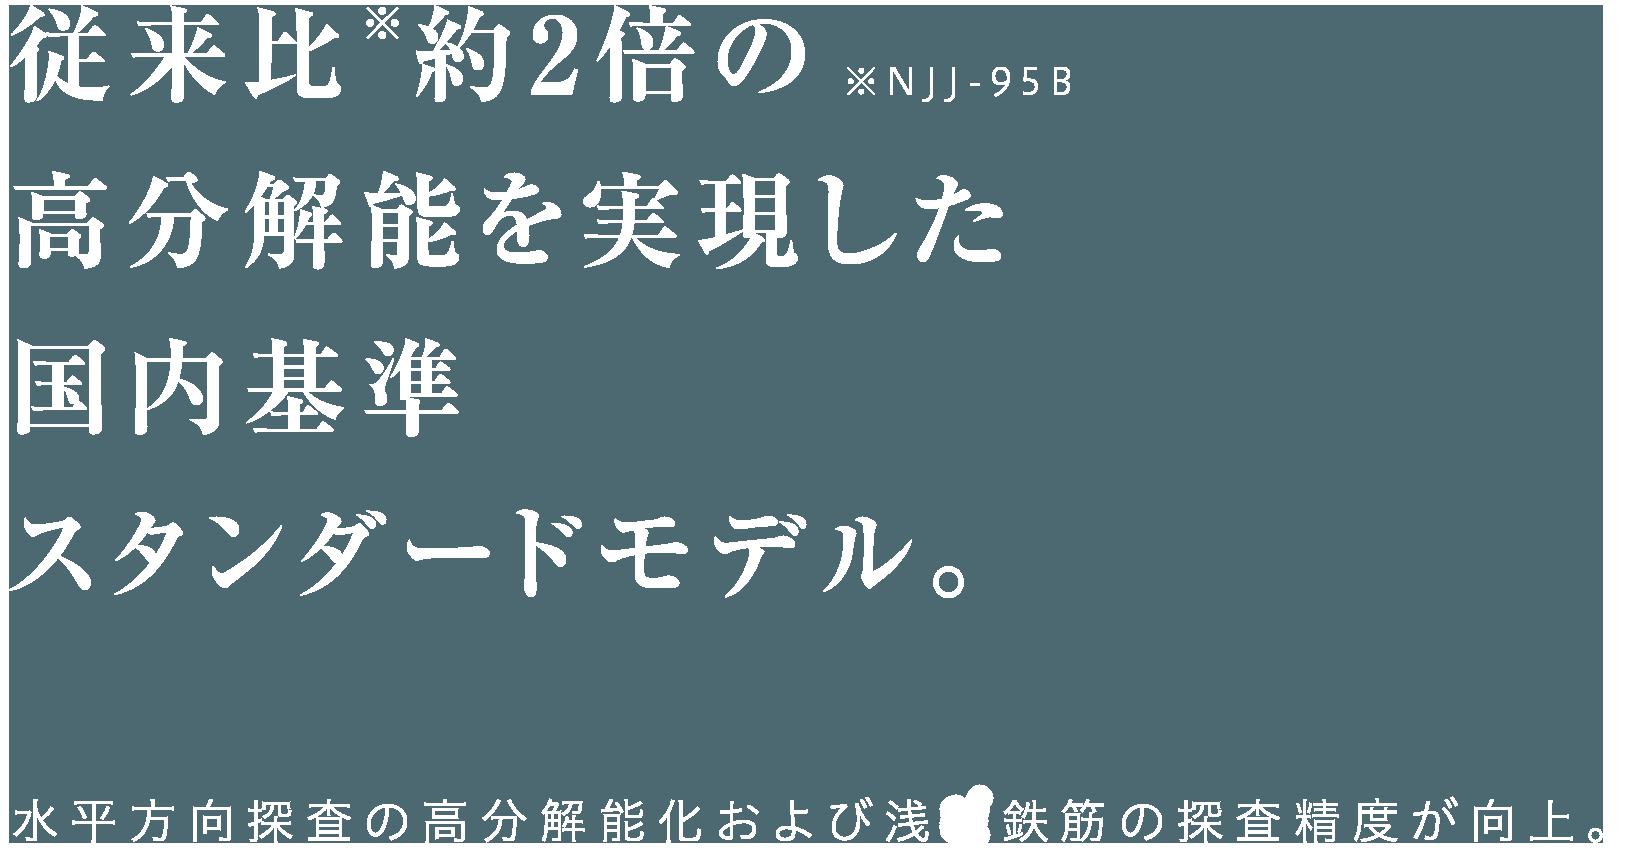 協会 電柱 日本 検査 破壊 非